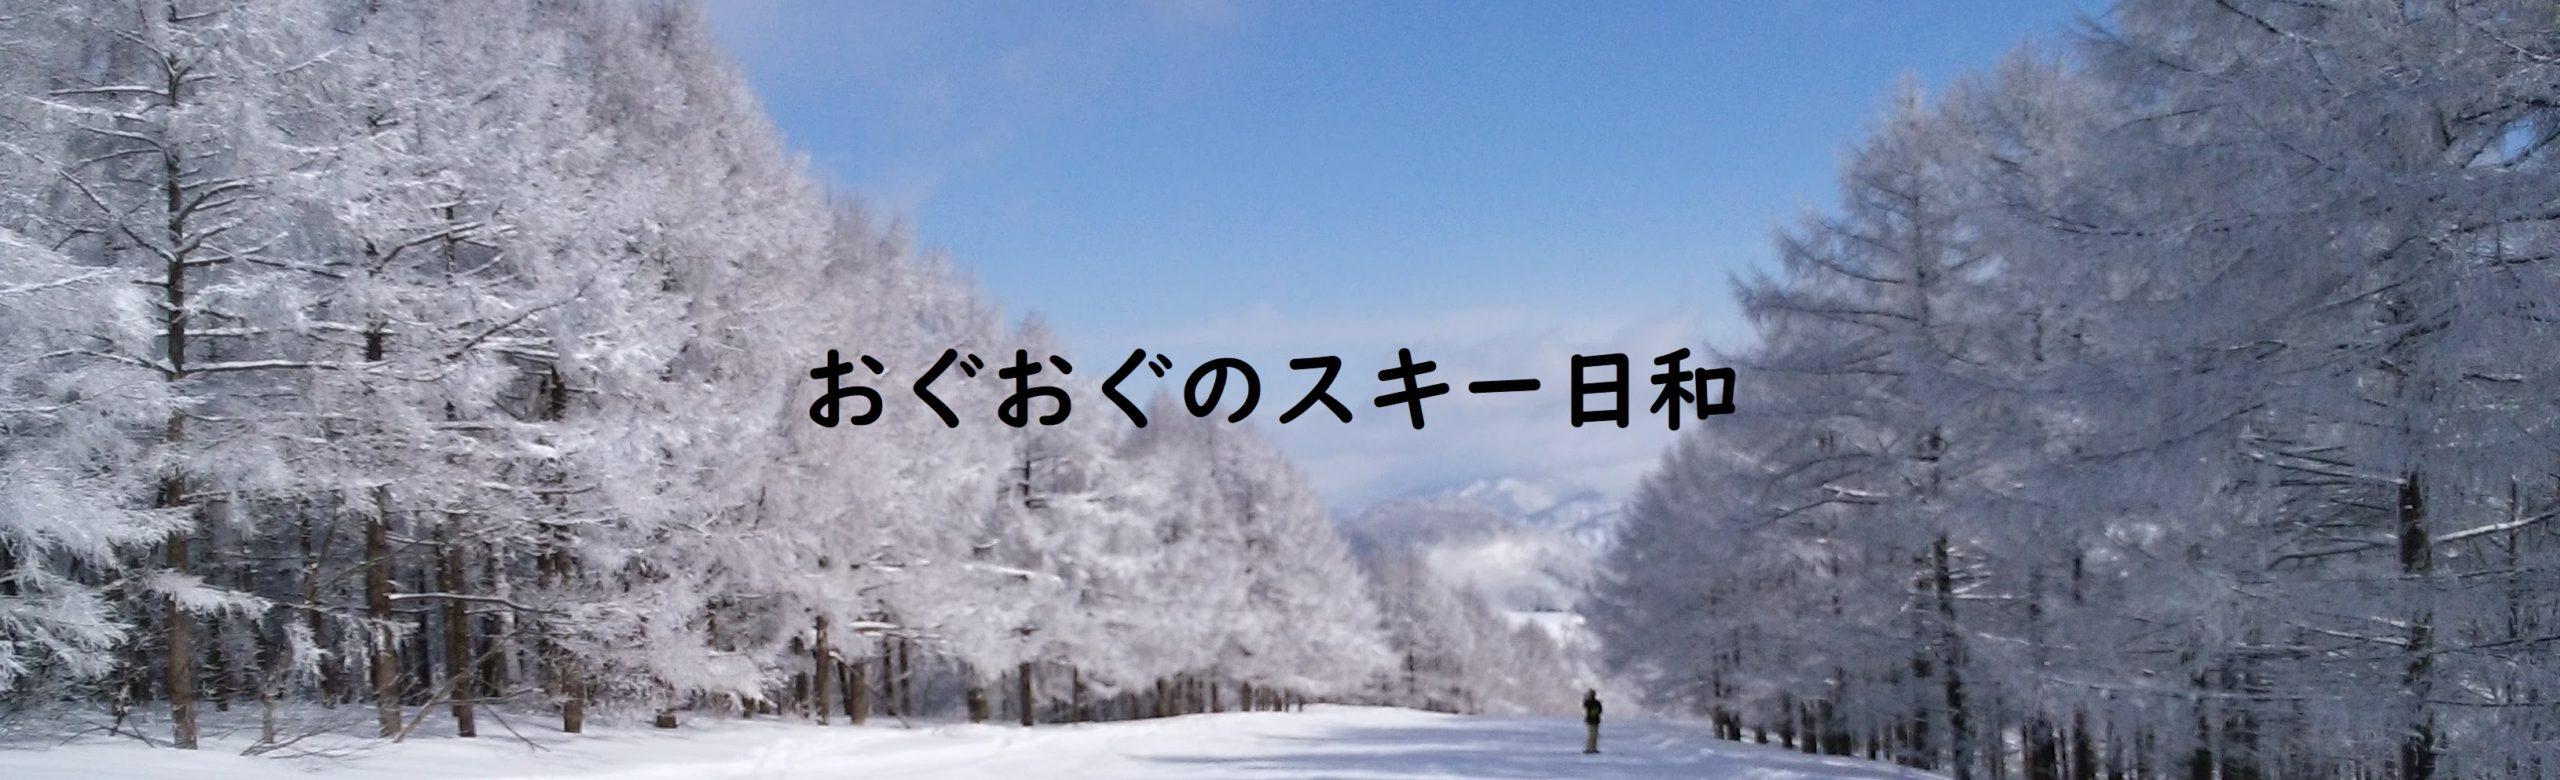 おぐおぐのスキー日和